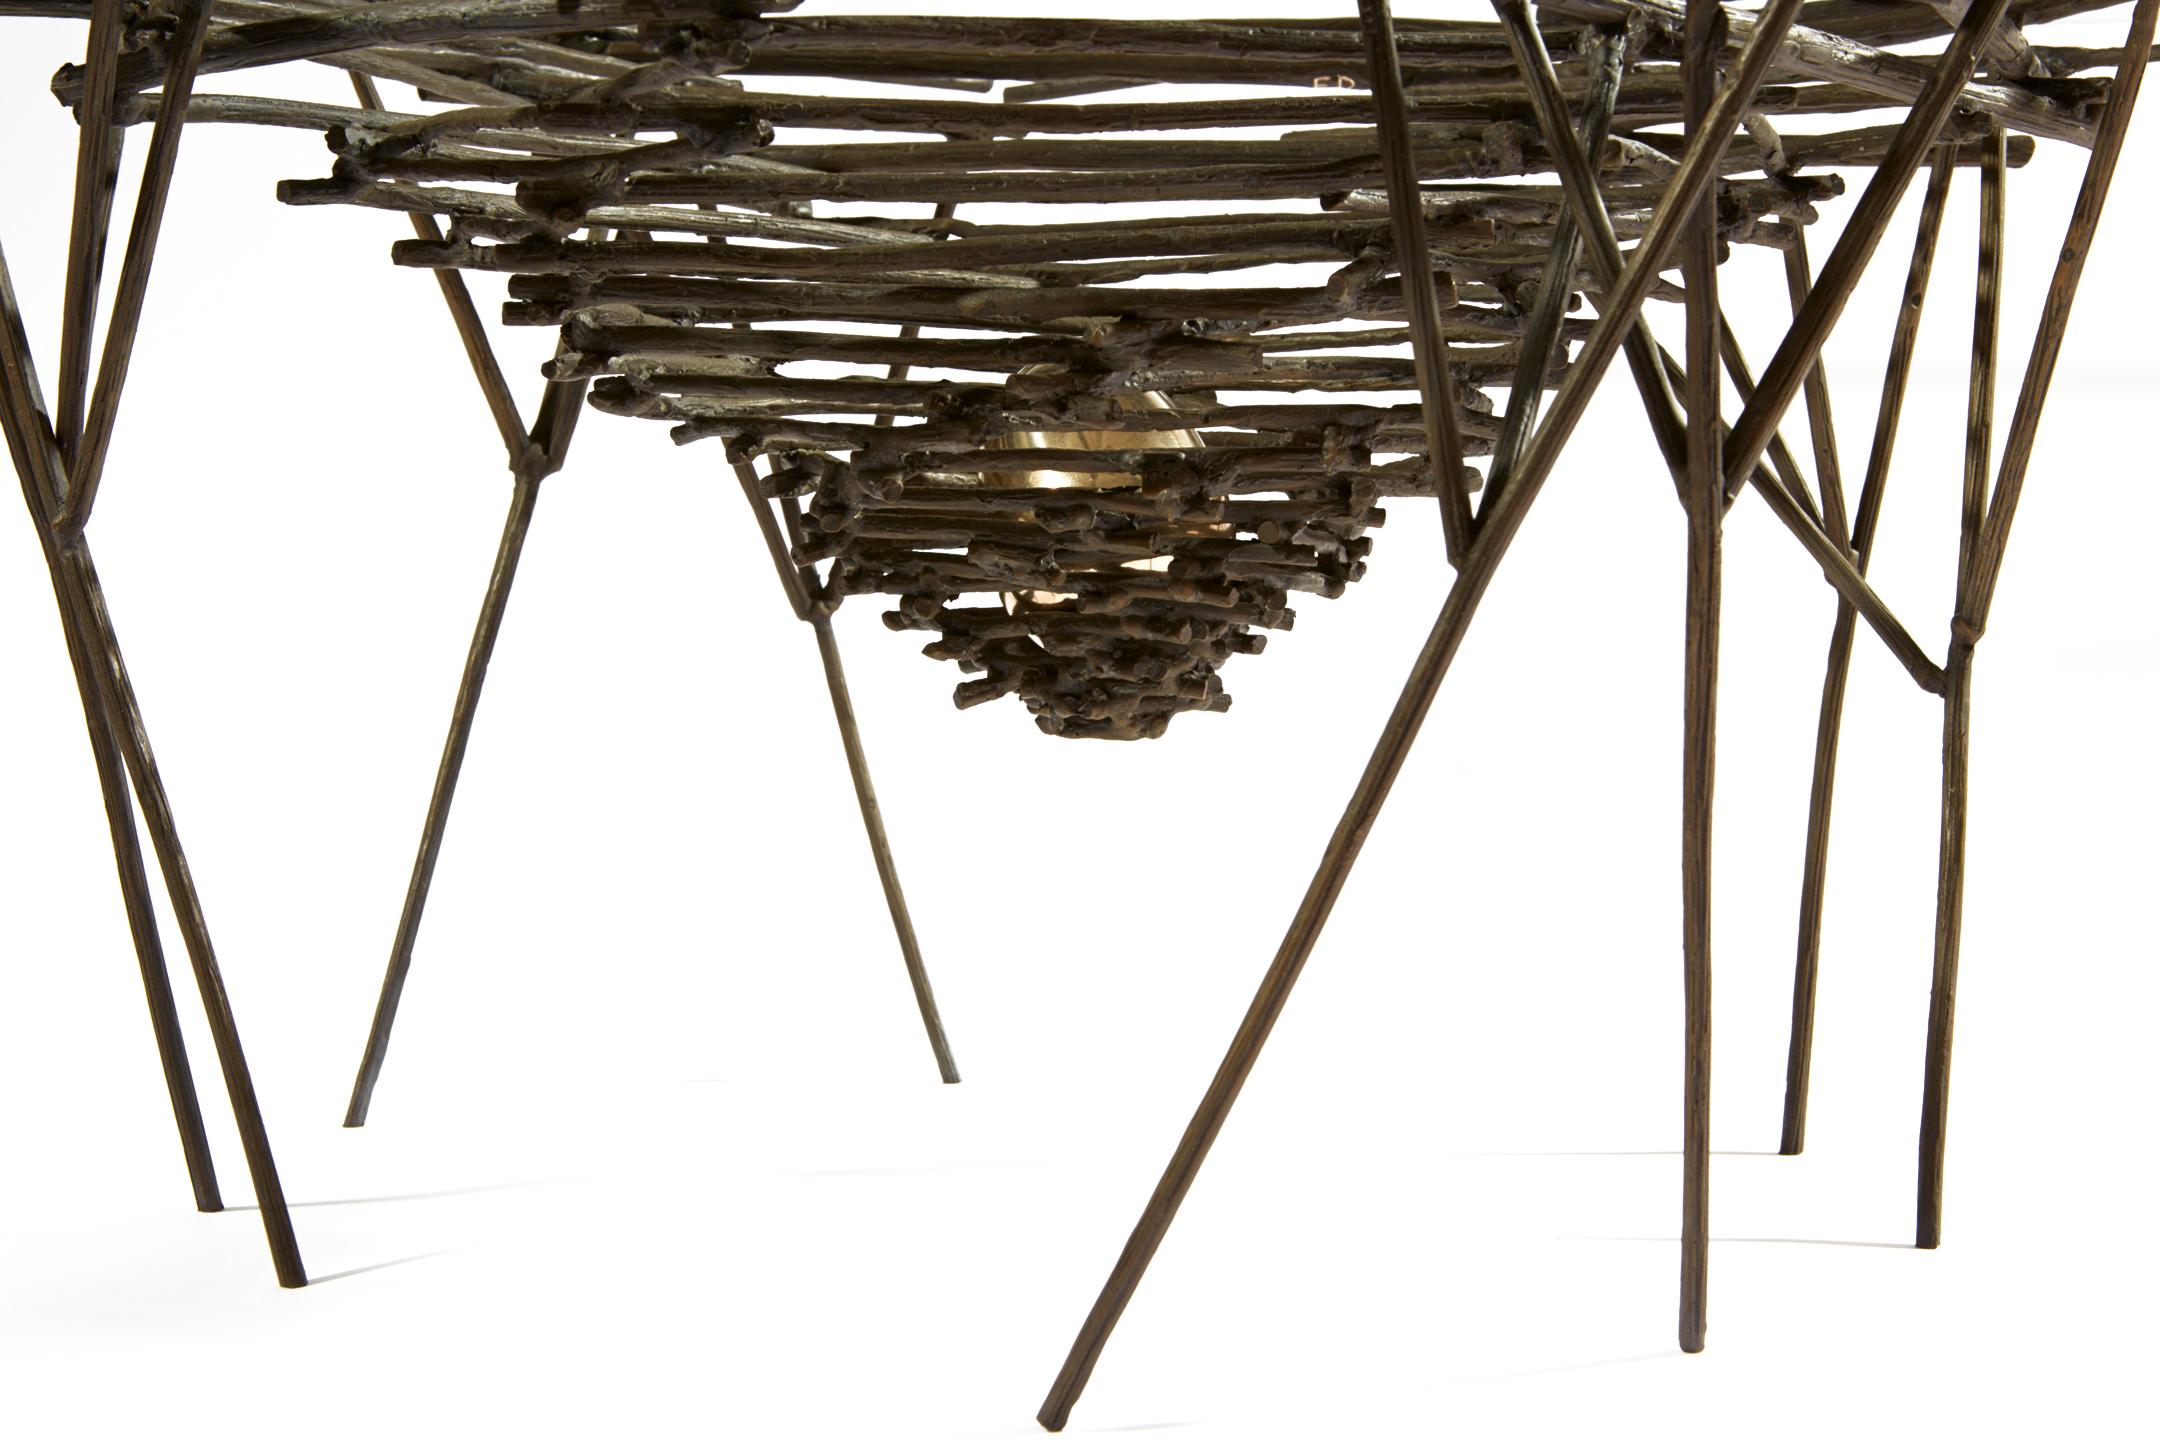 birds nest_04.jpg